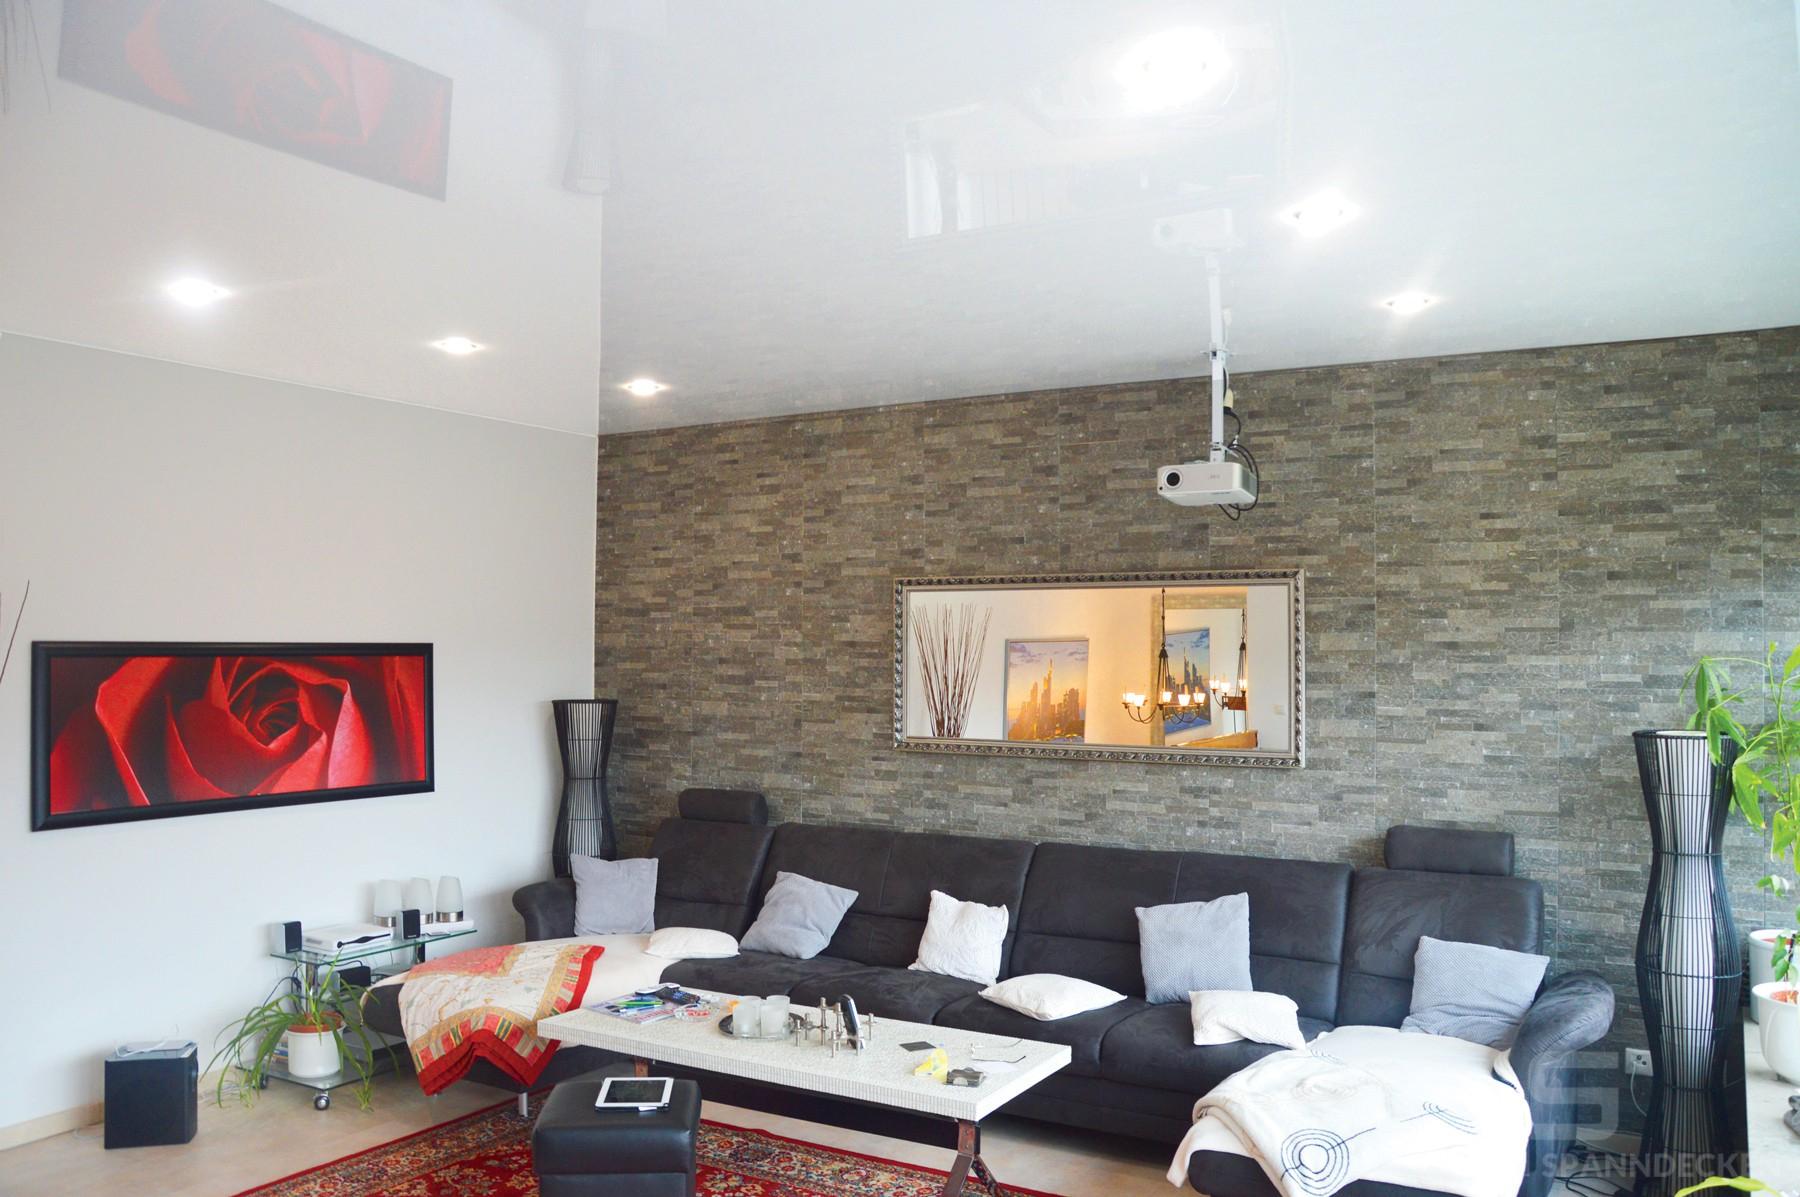 Spanndecke für das Wohnzimmer